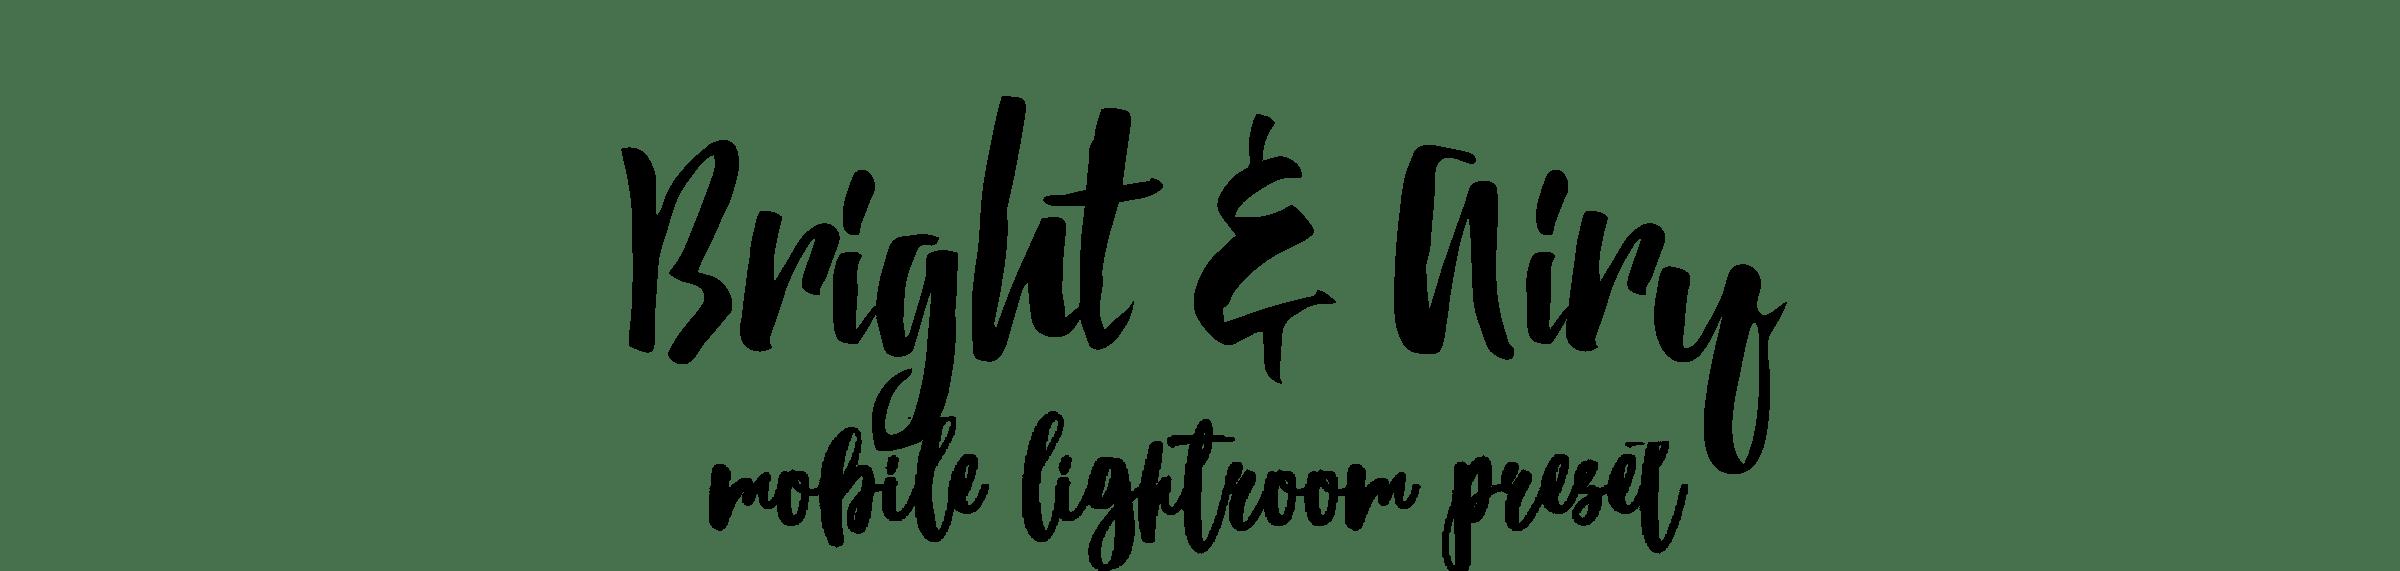 Bright and Airy мобильный пресет